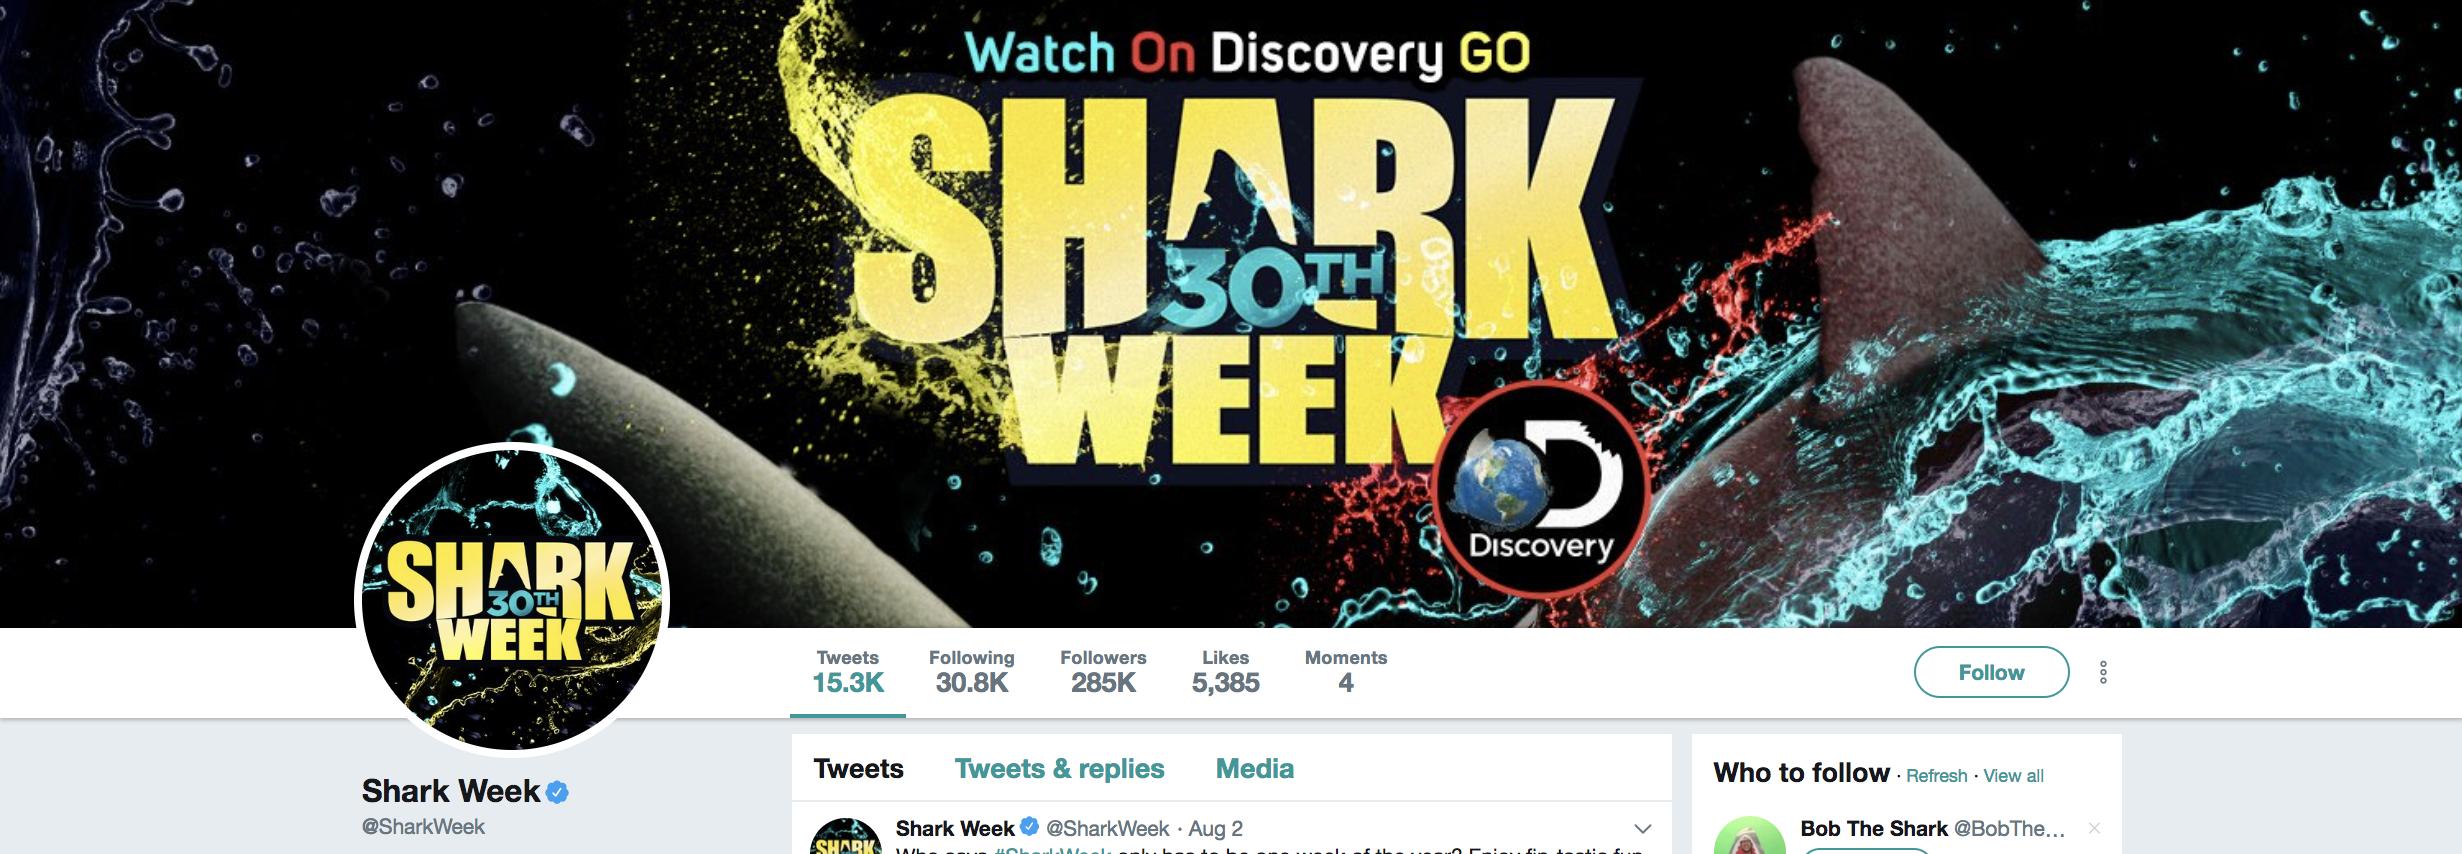 Twitter-banner-example-shark-week